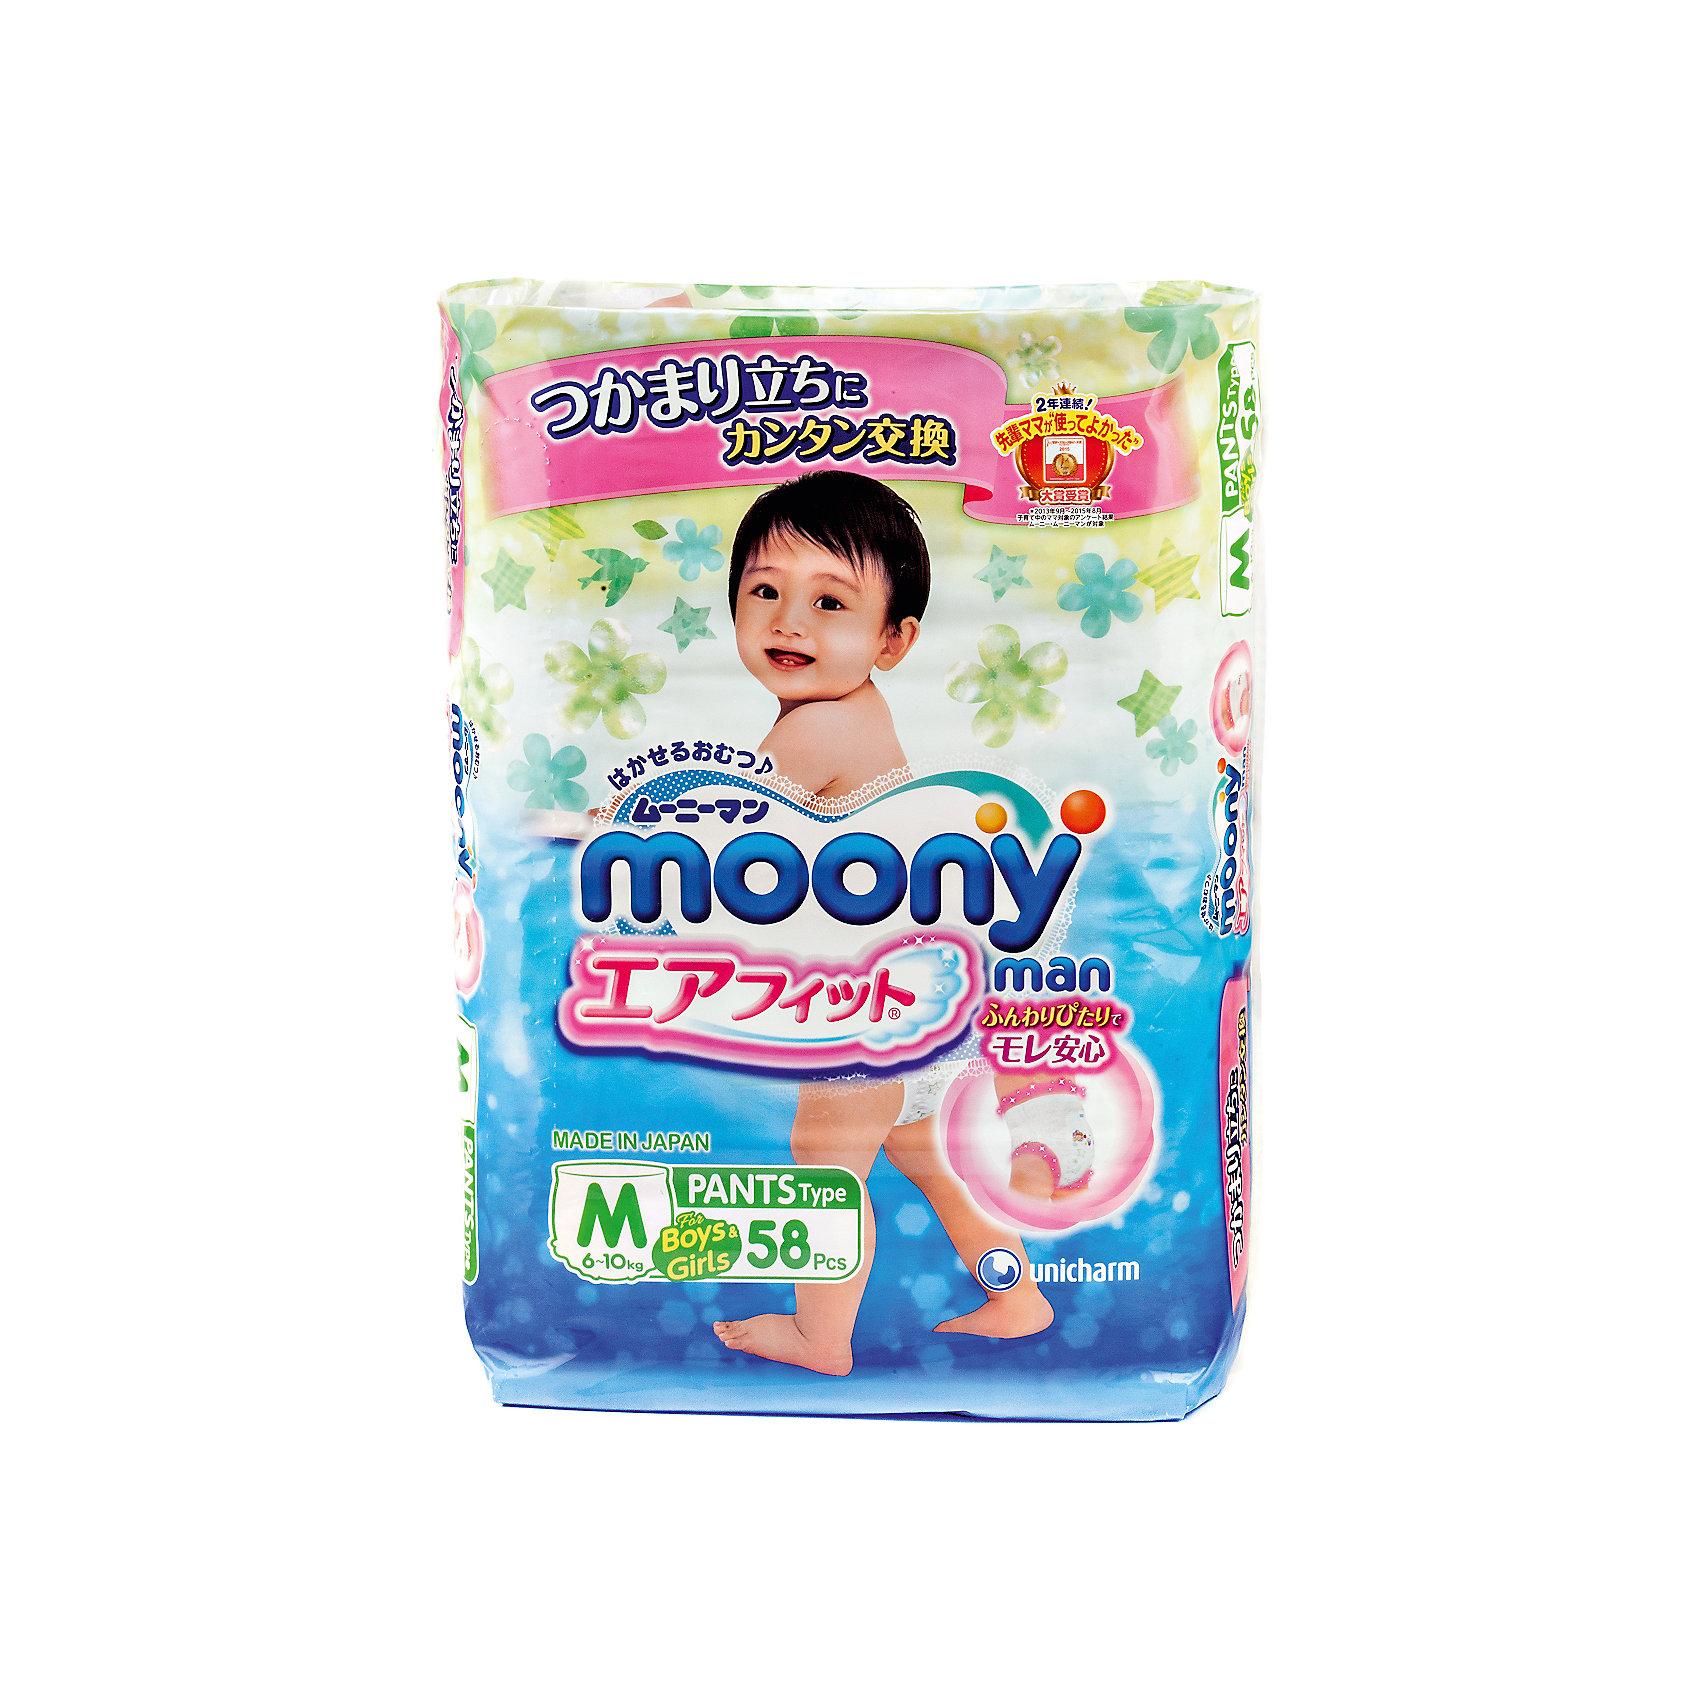 Трусики-подгузники универсальные Moony Man, М 7-10 кг., 58штУниверсальные и оригинальные трусики Муни подойдут как для девочек, так и мальчиков, которые уже начали ползать на четвереньках. Не зависимо от активности ребенка он не почувствует дискомфорт, так как впитывающий слой несколько тоньше и эластичней, чем в обычных подгузниках. Сверхтонкий впитывающий слой препятствует протеканию. Дышащая поверхность трусиков позволяет коже малыша дышать, предотвращает возникновение парникового эффекта и оставляет кожу сухой. И самое главное - снять или одеть трусики Moony Man можно без особых проблем, не смотря на то, в каком положении будет ребенок.<br><br>Дополнительная информация:<br><br>Размер: М 7-10 кг.<br>Количество в упаковке: 58 шт.<br><br>Трусики-подгузники универсальные Moony Man, М 7-10 кг., 58шт можно купить в нашем магазине.<br><br>Ширина мм: 295<br>Глубина мм: 400<br>Высота мм: 480<br>Вес г: 2100<br>Возраст от месяцев: 3<br>Возраст до месяцев: 12<br>Пол: Унисекс<br>Возраст: Детский<br>SKU: 4659612